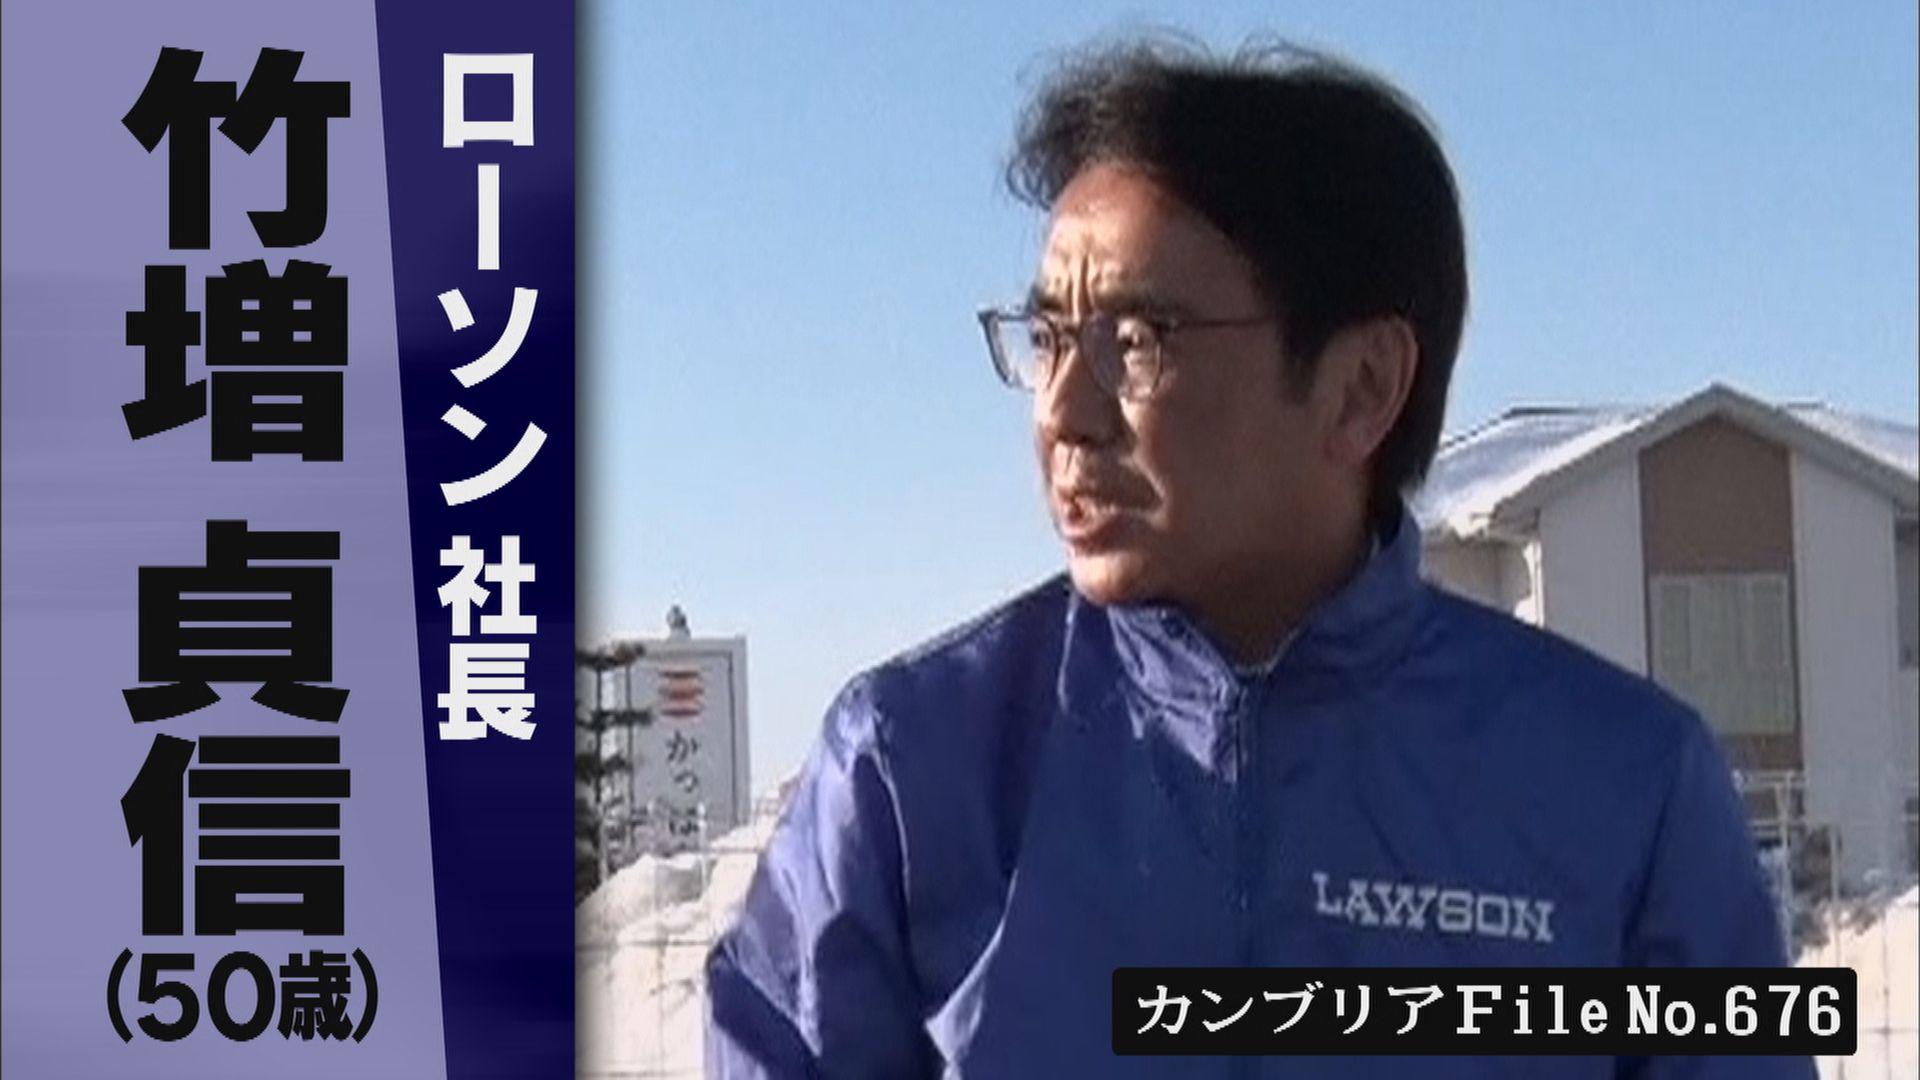 カンブリア宮殿 #676 ニッポン企業・大改革シリーズ 第1弾 知られざるローソン コンビニ未来宣言